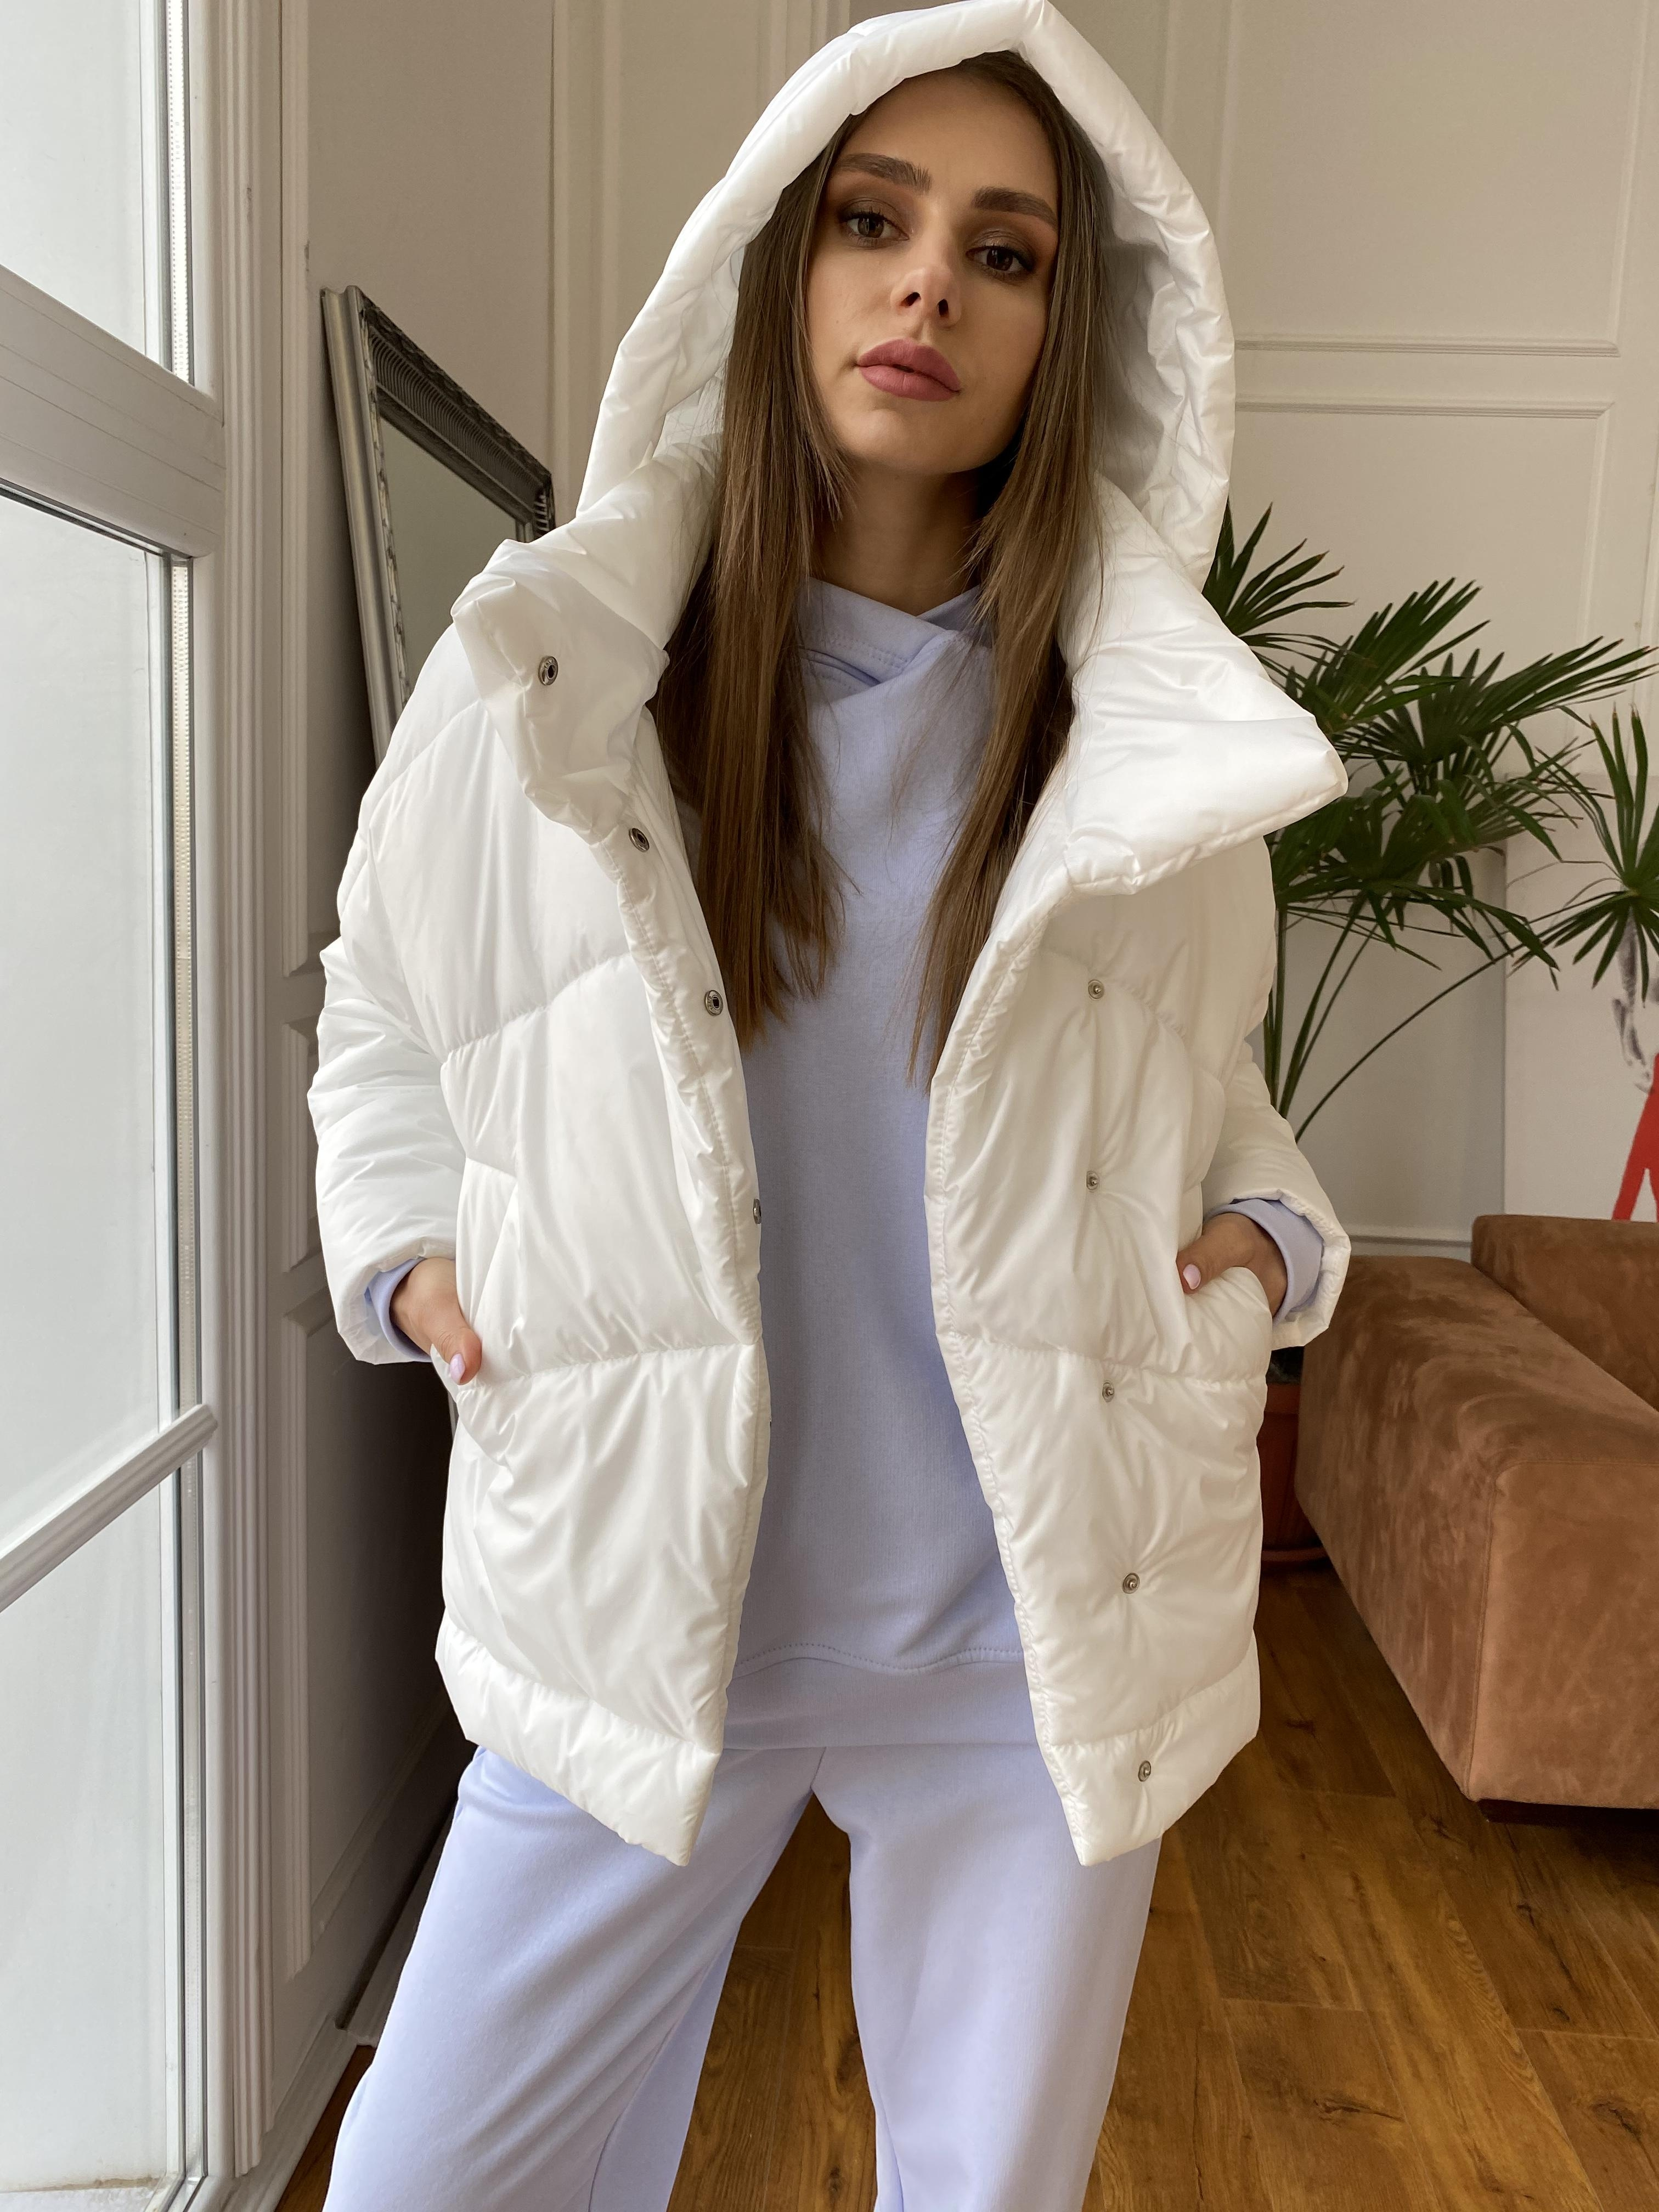 Уно куртка плащевка Ammy 10671 АРТ. 47395 Цвет: Молоко - фото 1, интернет магазин tm-modus.ru